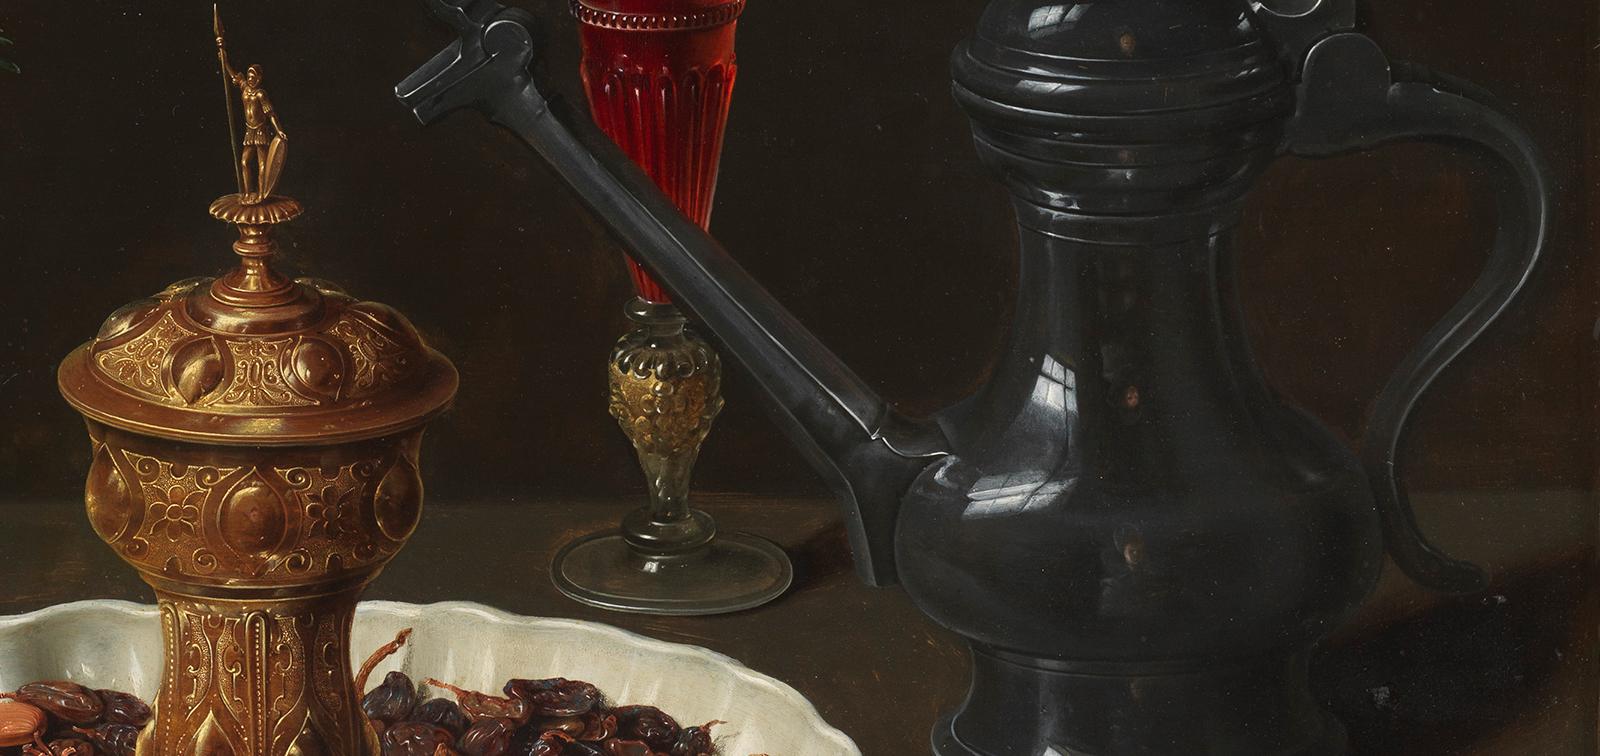 <em>Nuevas salas de pintura flamenca del XVII en el Museo del Prado</em>